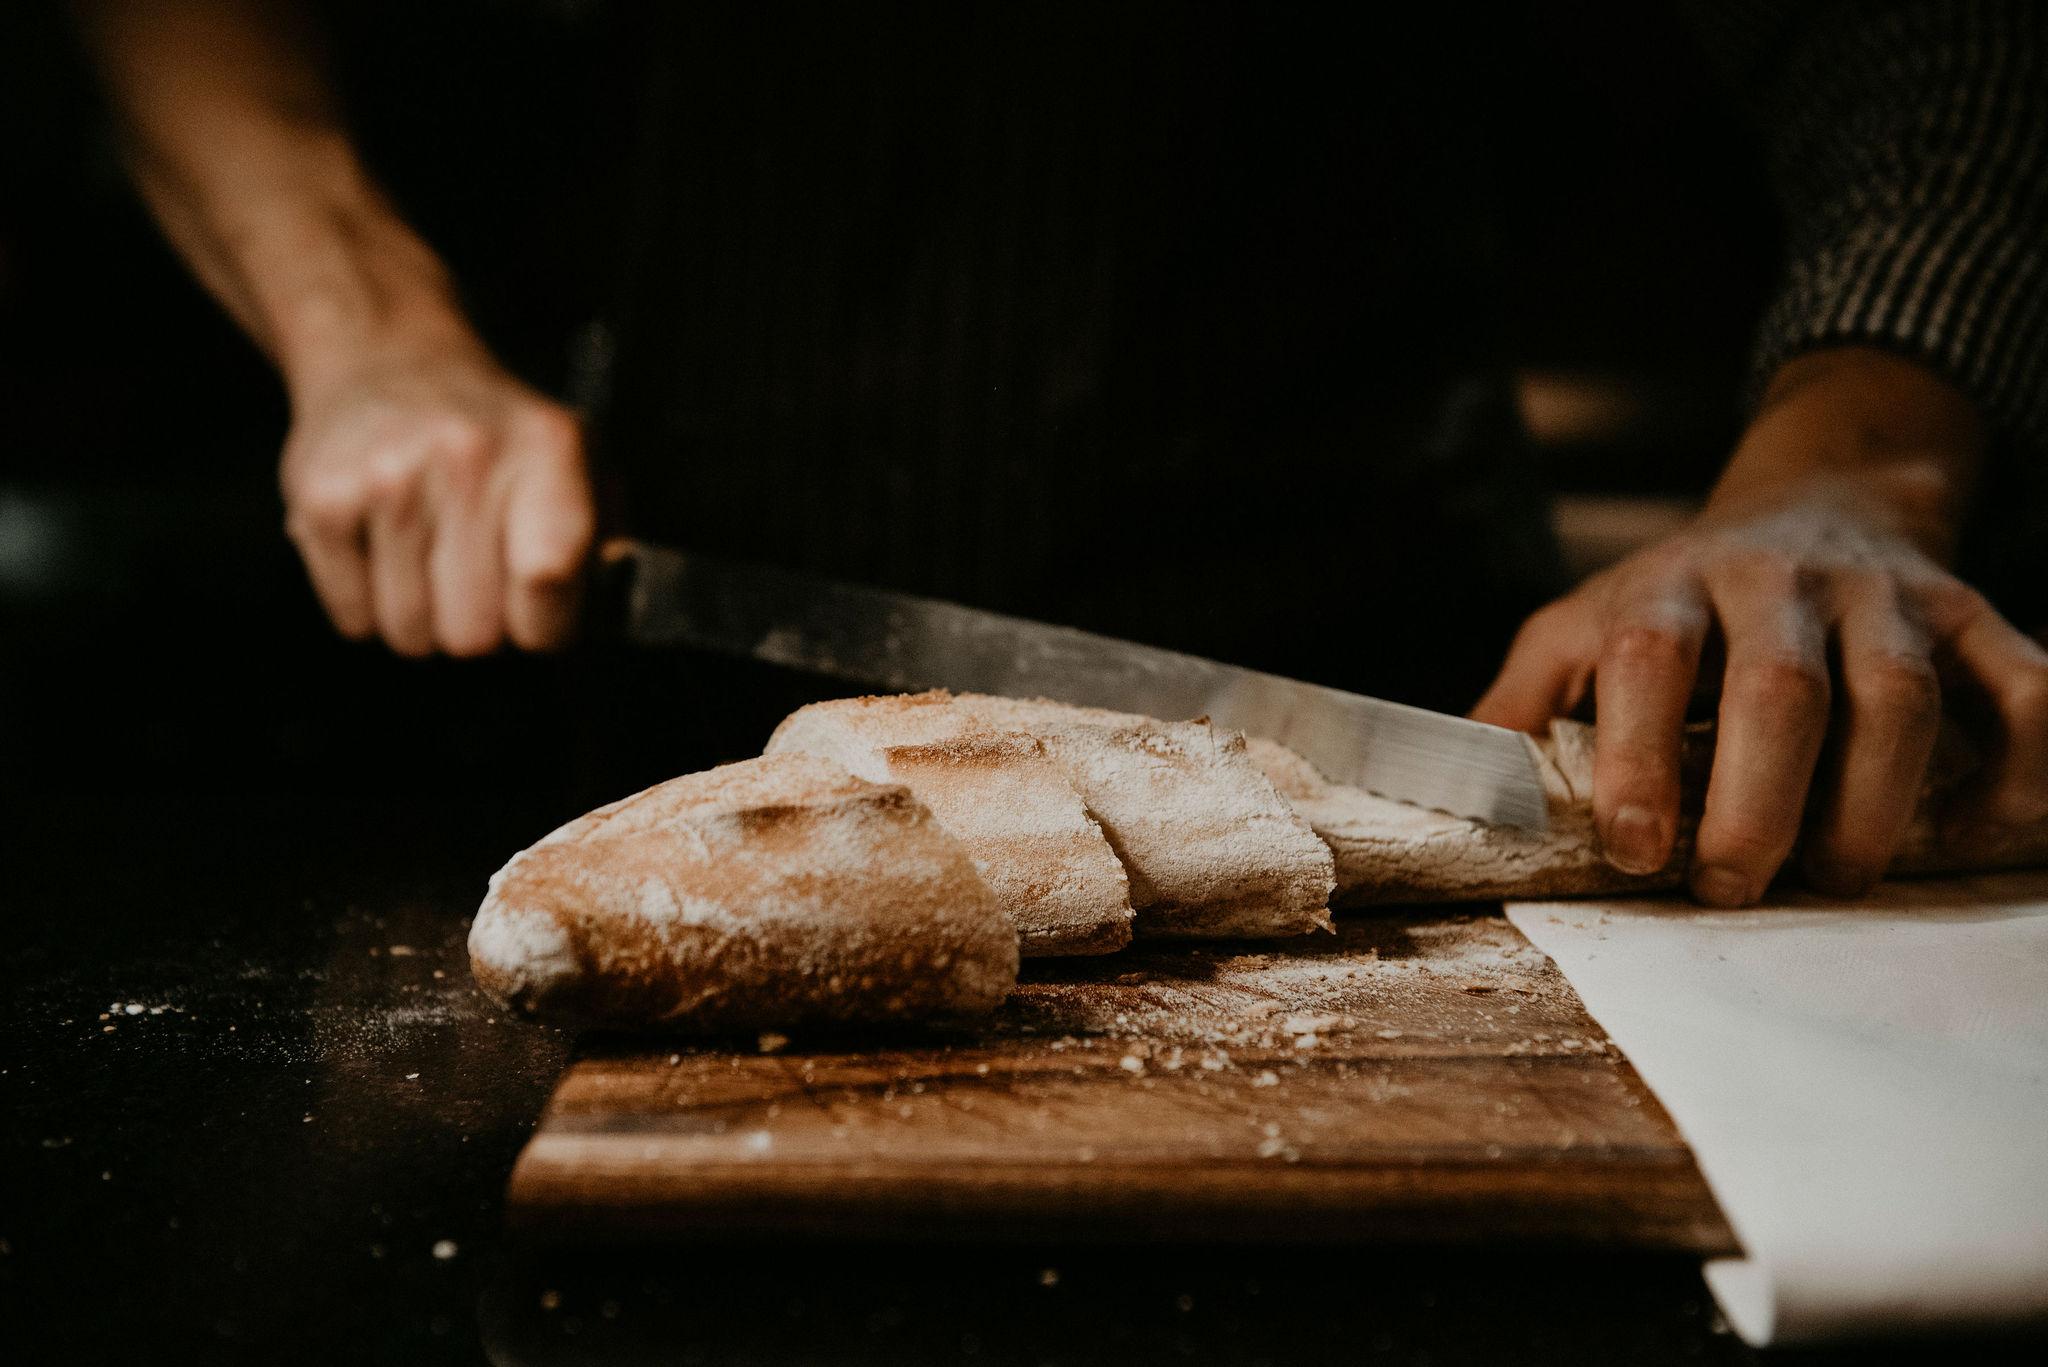 Masani-Carlton-Food-Photography-25th-Jul